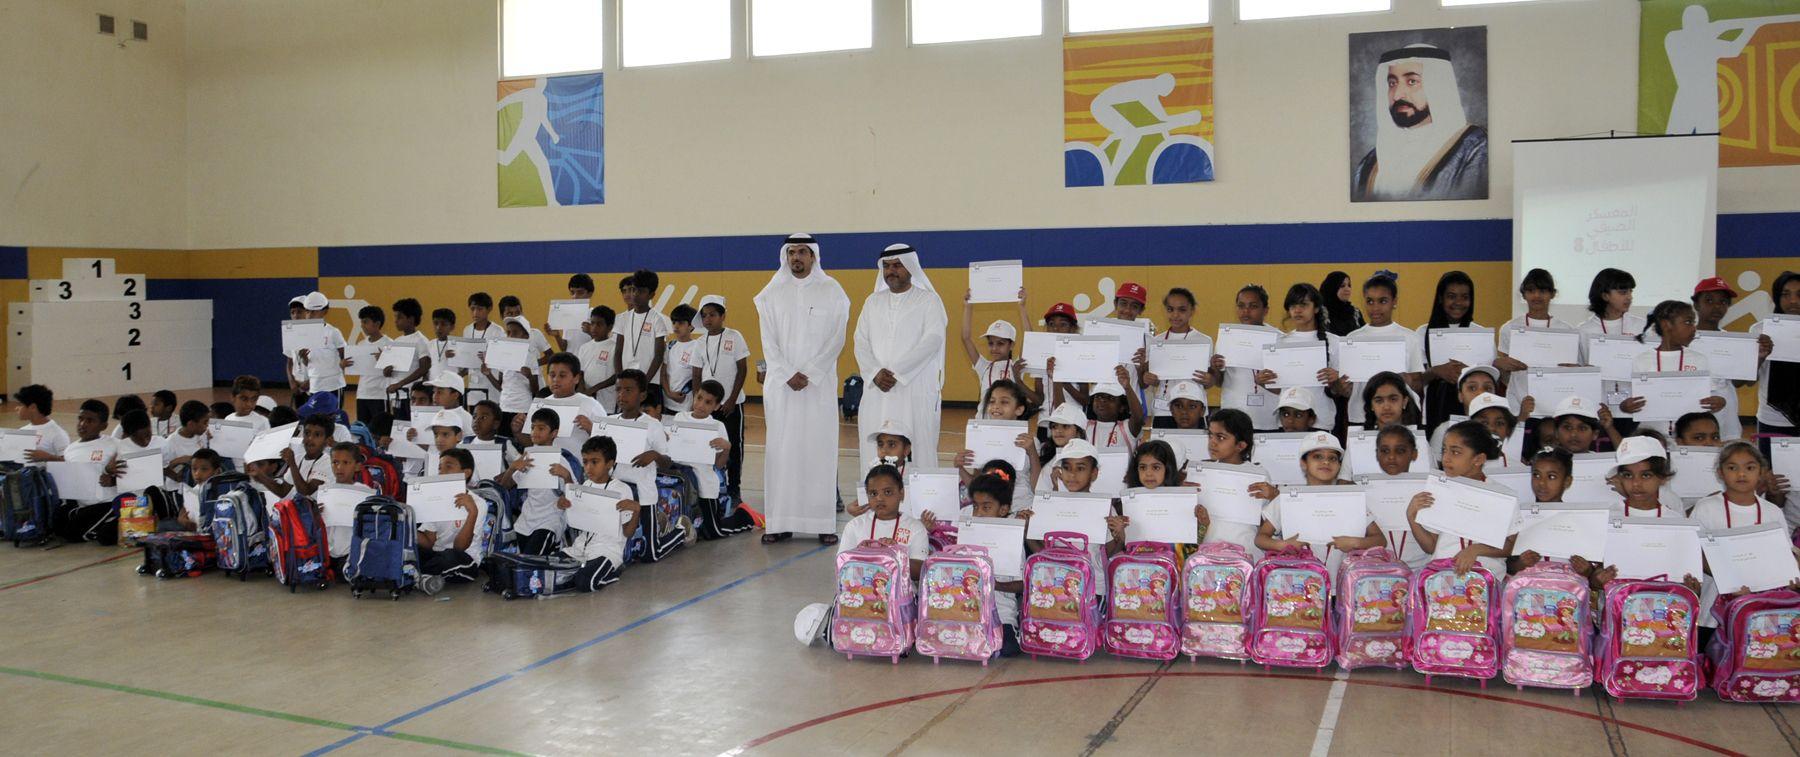 صورة جماعية لأعضاء وممثلي جمعية الشارقة الخيرية وجمعية الشارقة التعاونية مع الأطفال المشاركين بالمعسكر الصيفي الثامن